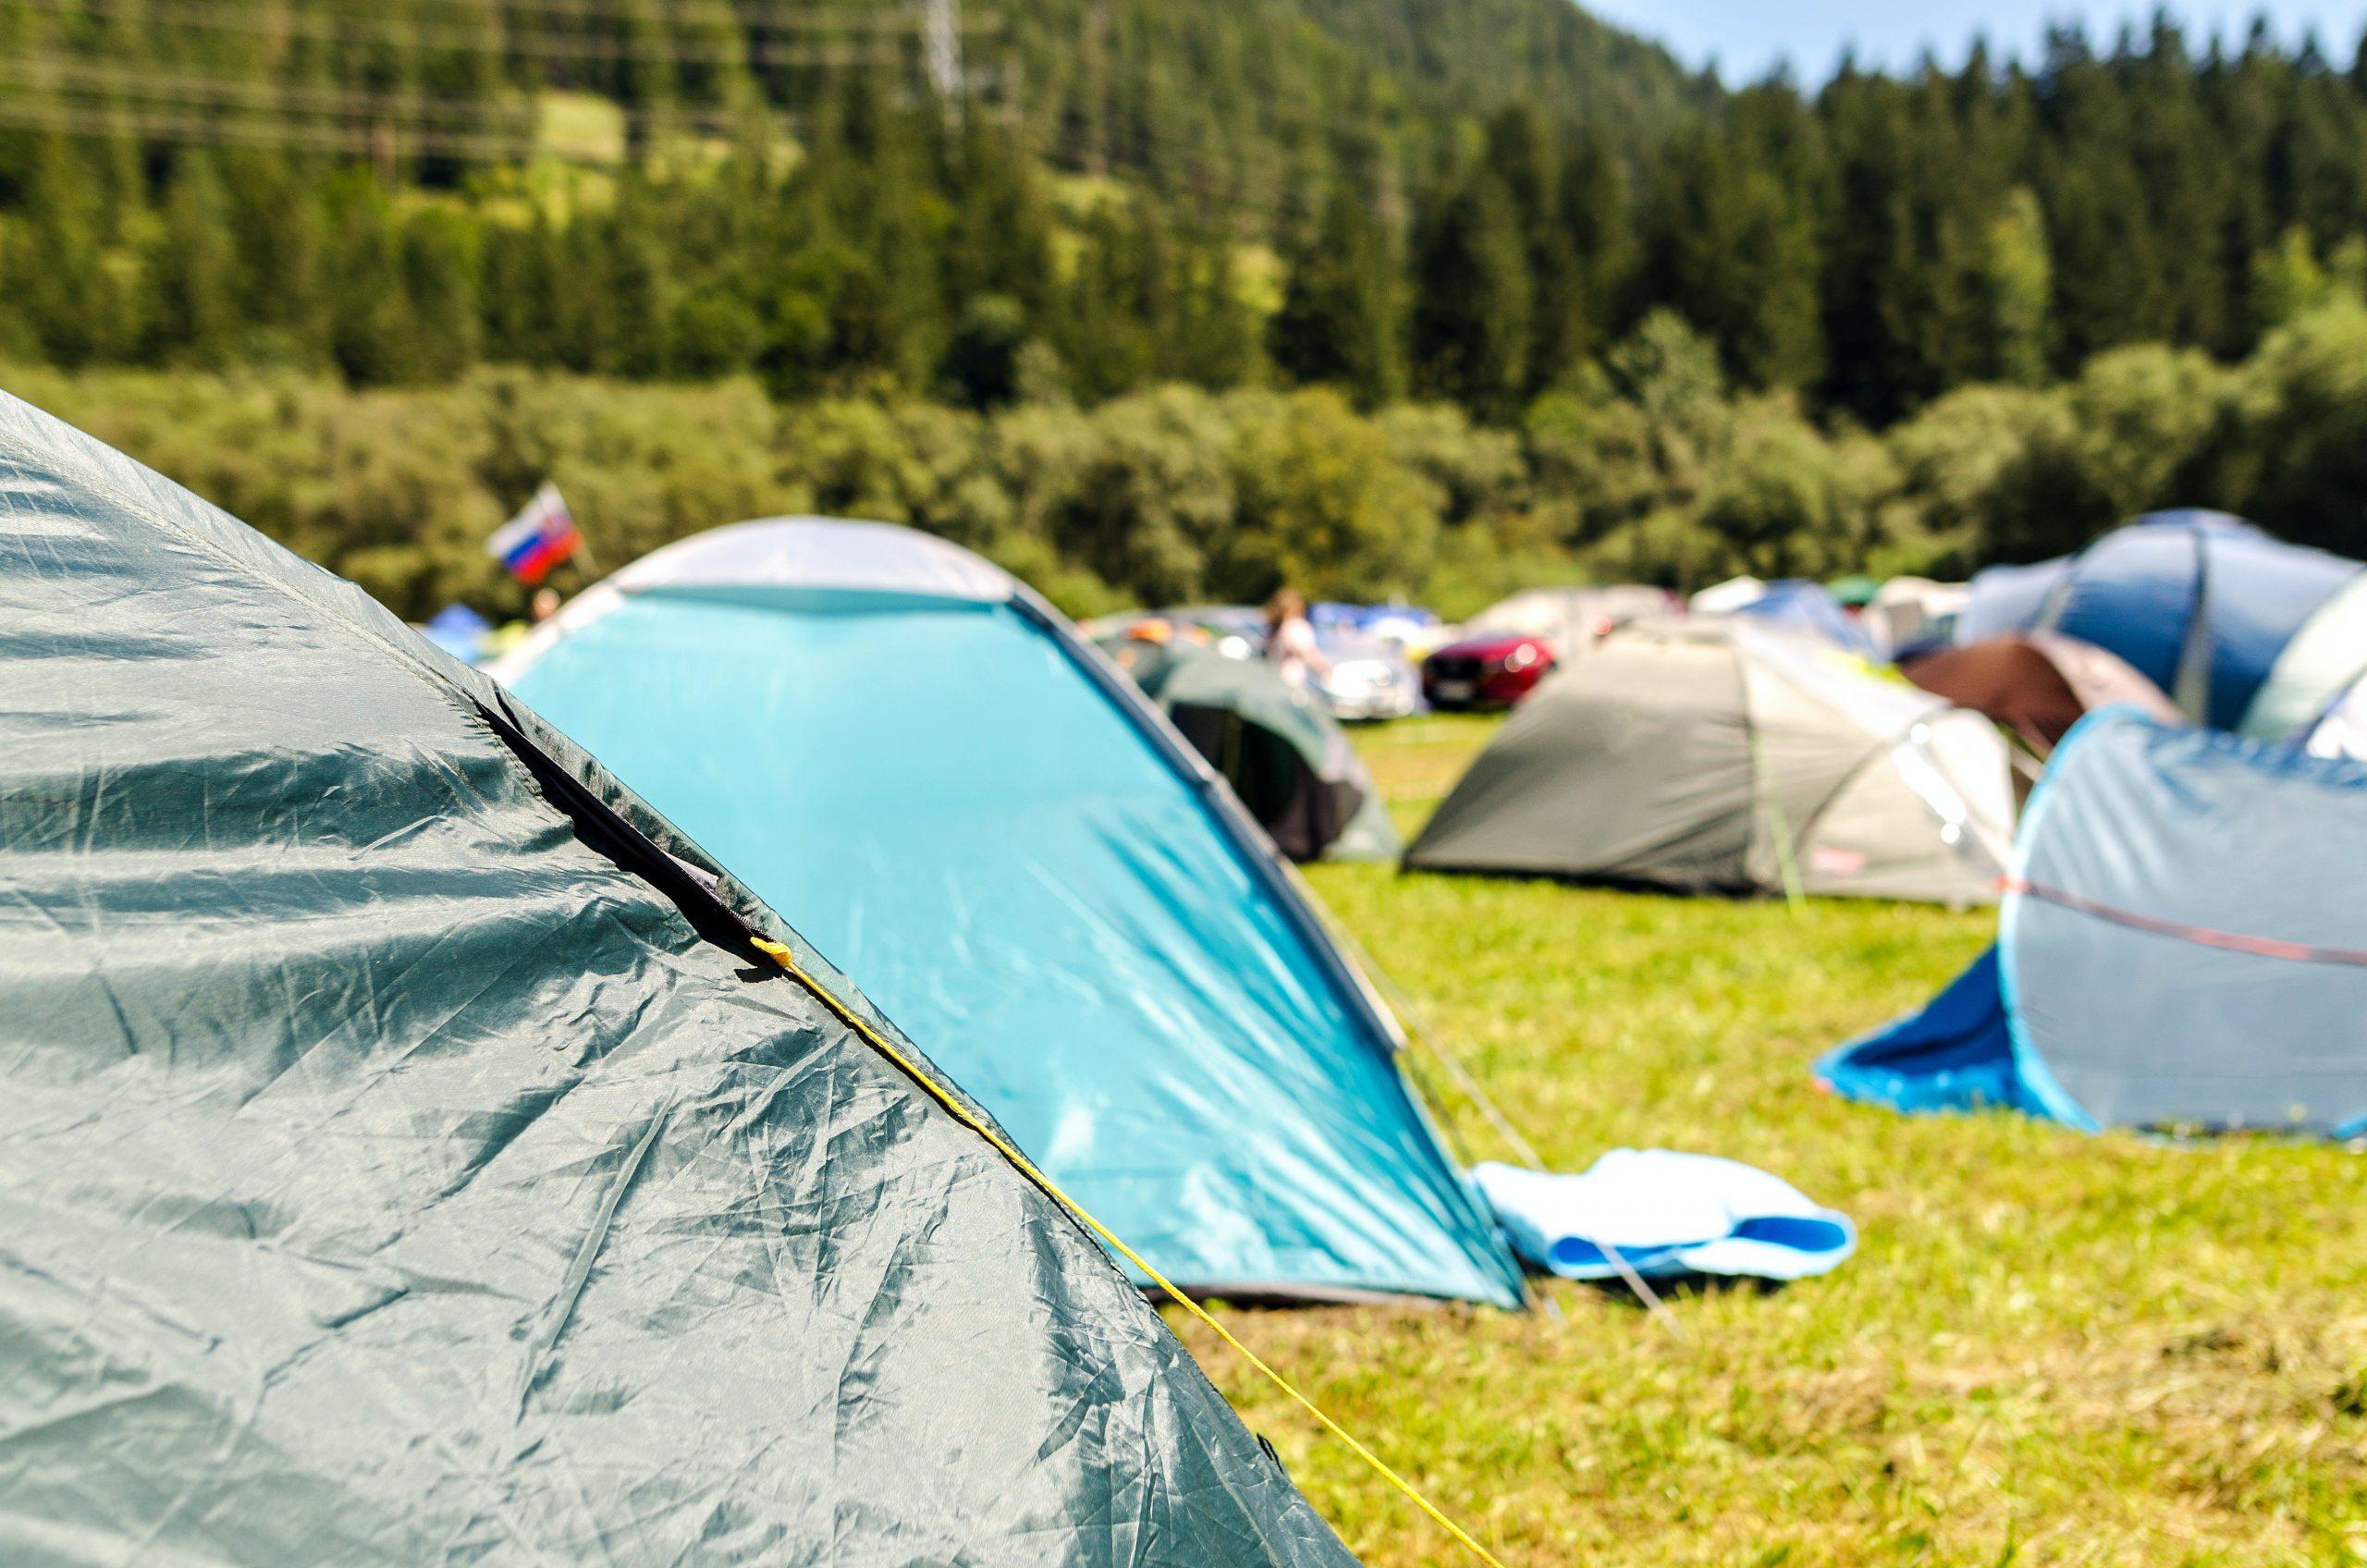 Is kamperen nog wel van deze tijd? (vertel ons over jouw kampeeravontuur)